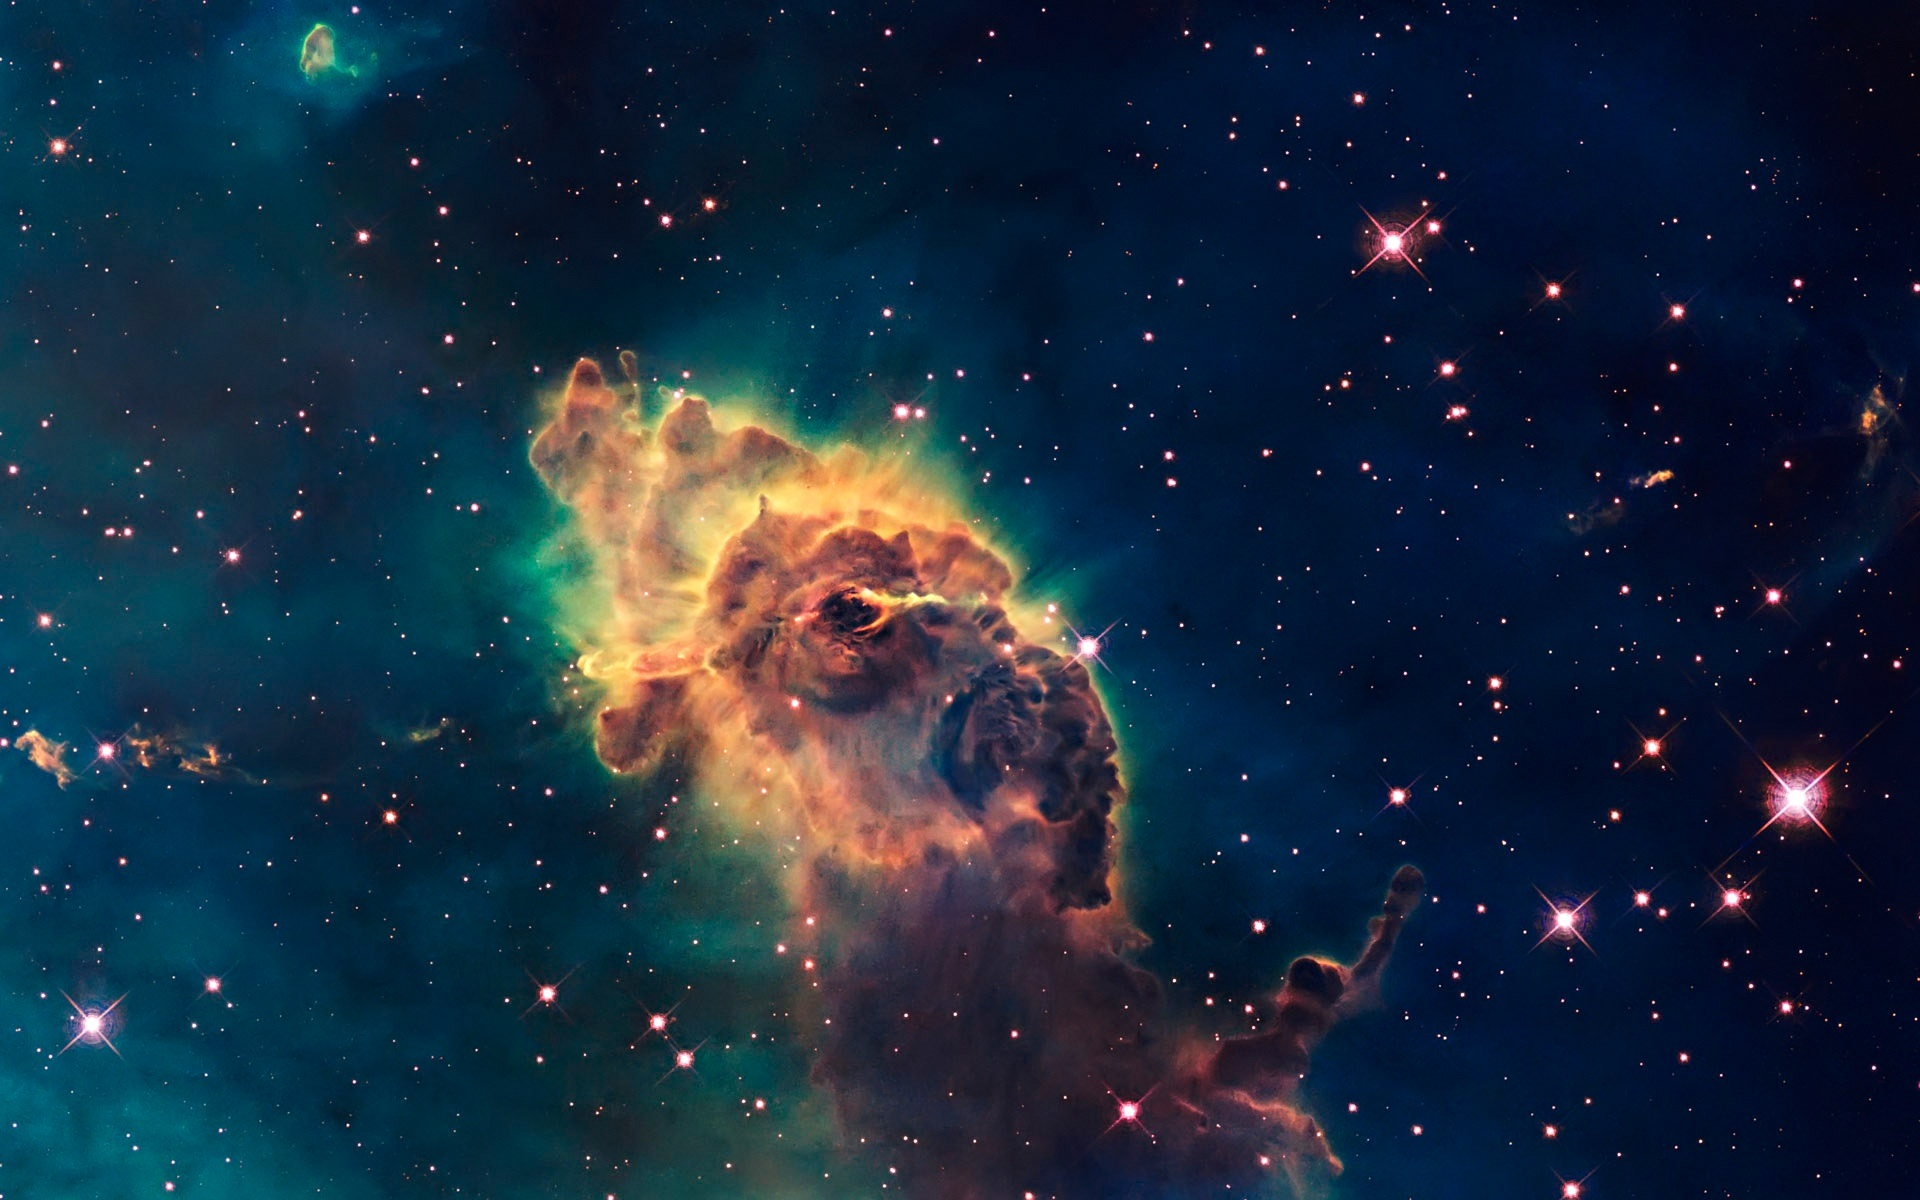 Hubble Teleskop Universum Sterne Nebel 1920x1200 Hd